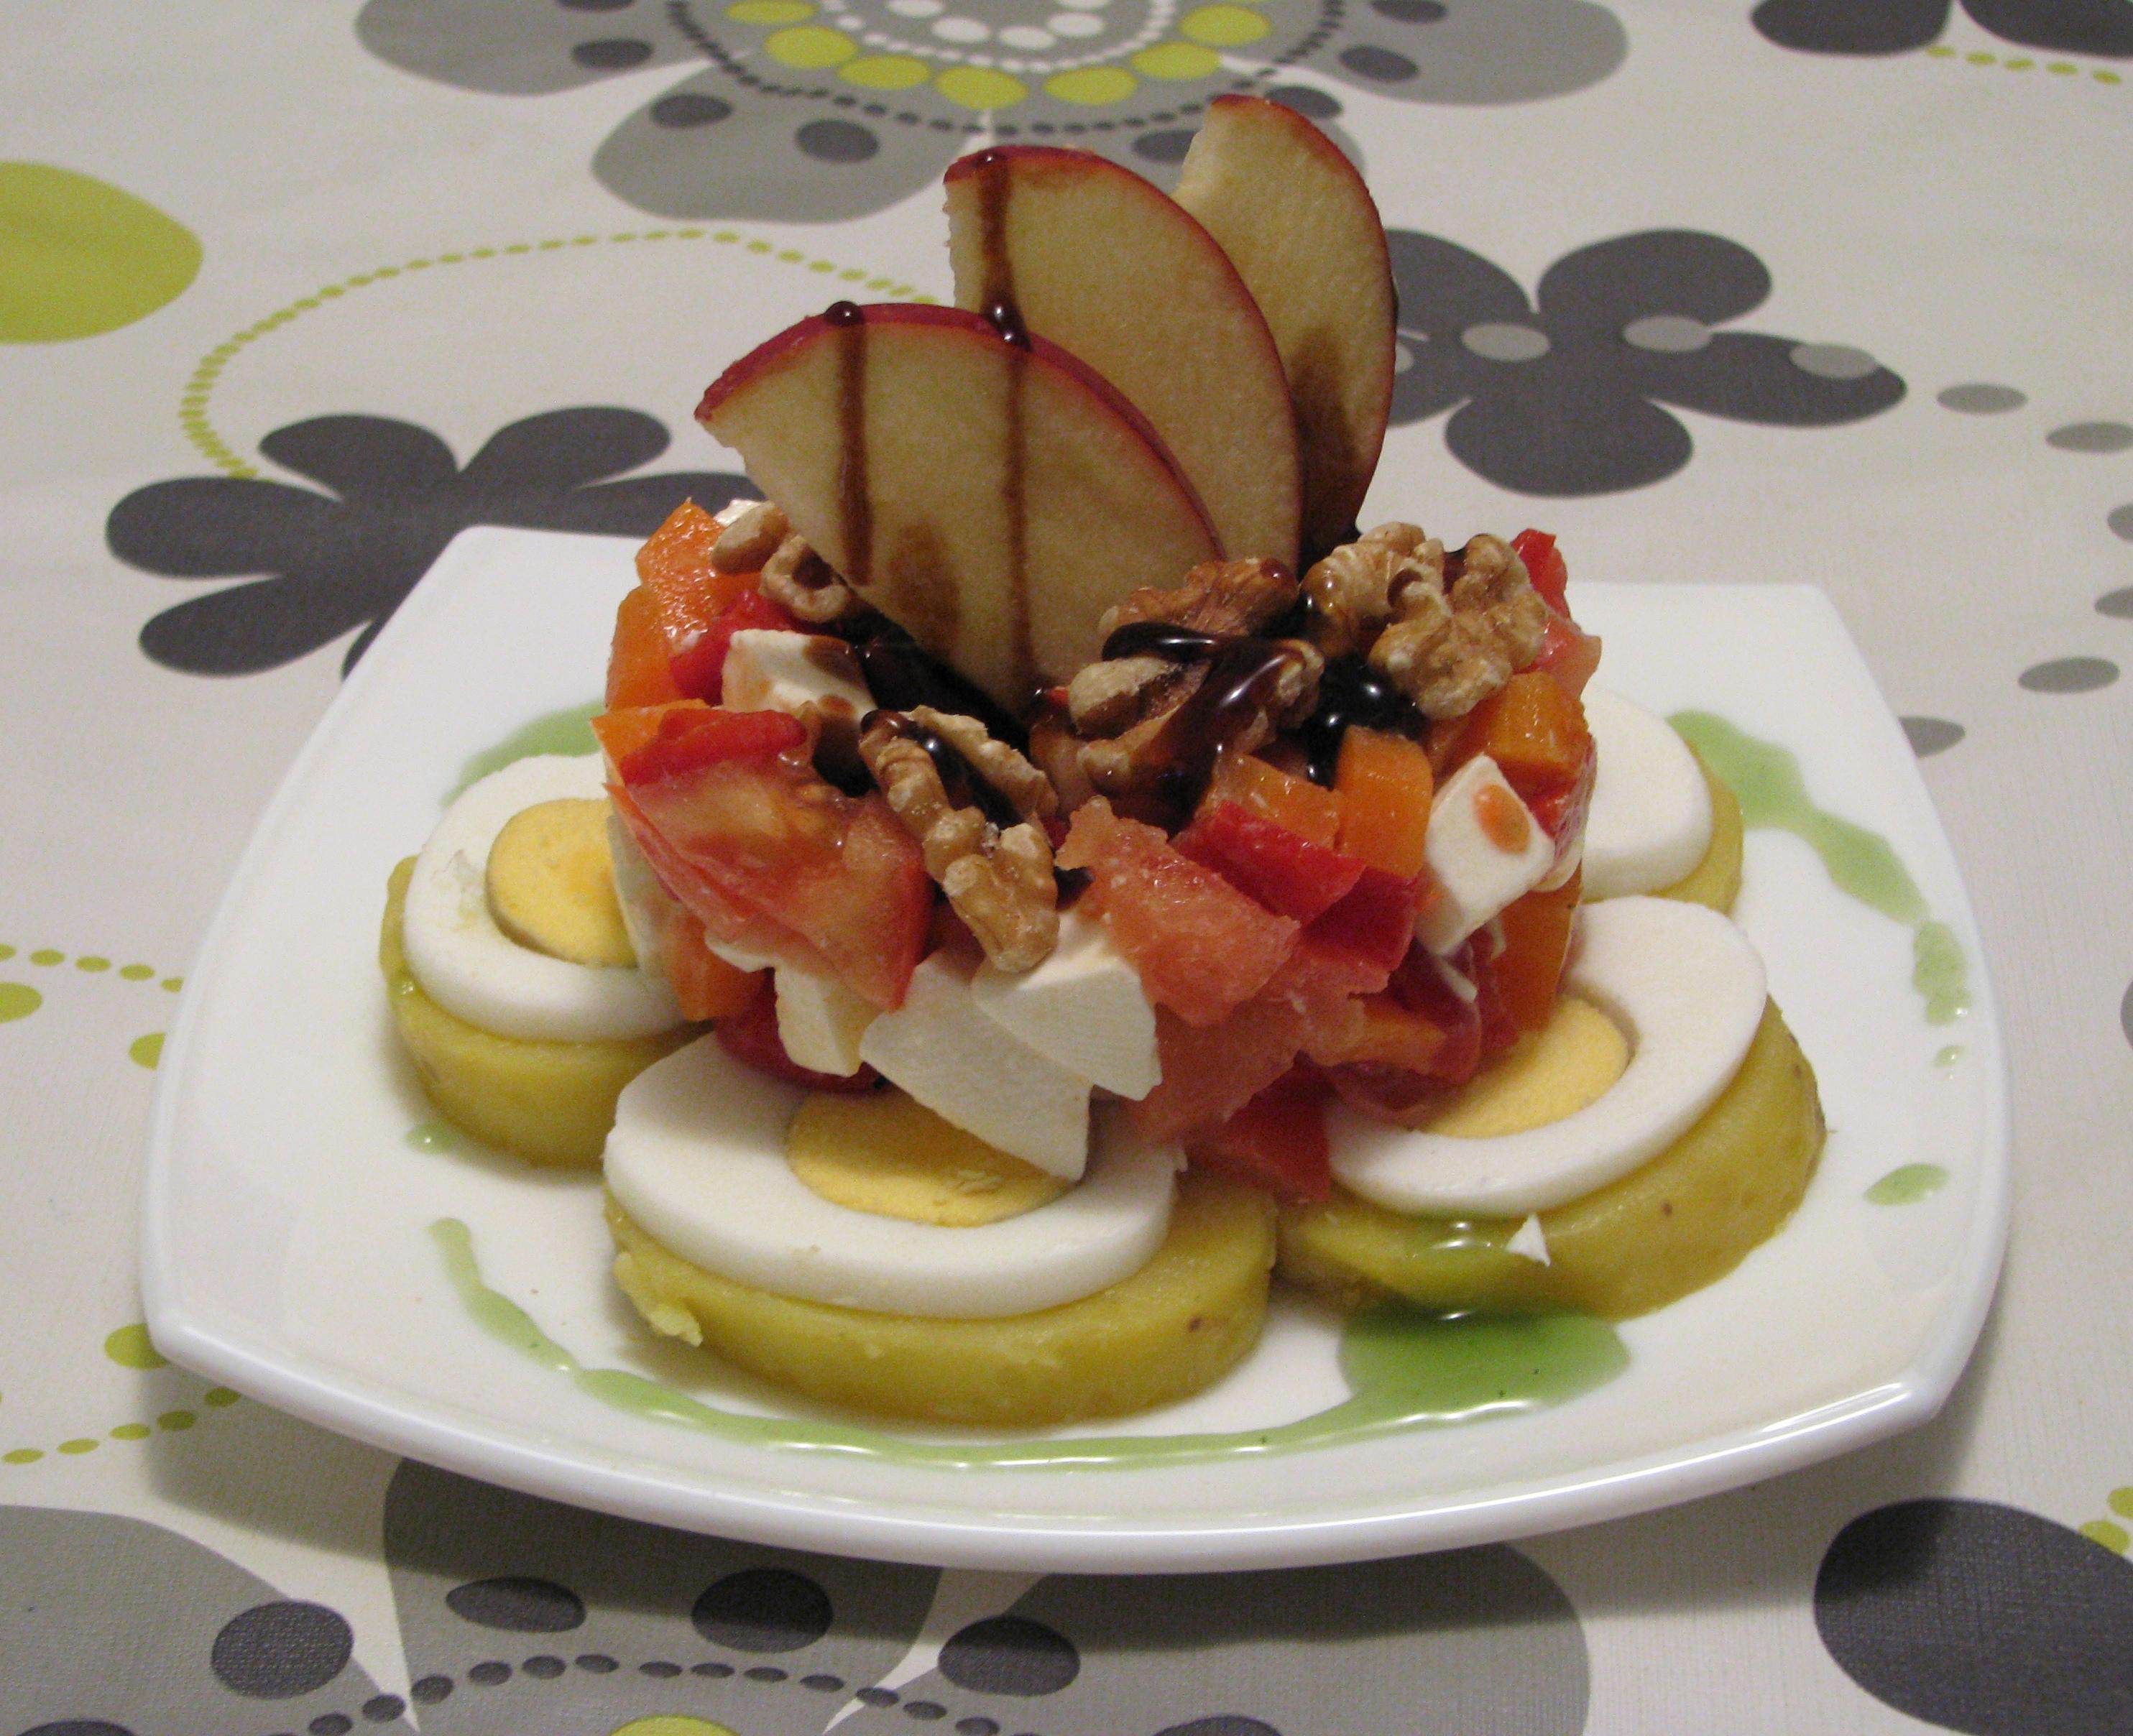 Ensalada de patata con crema balsámica de Módena y manzana